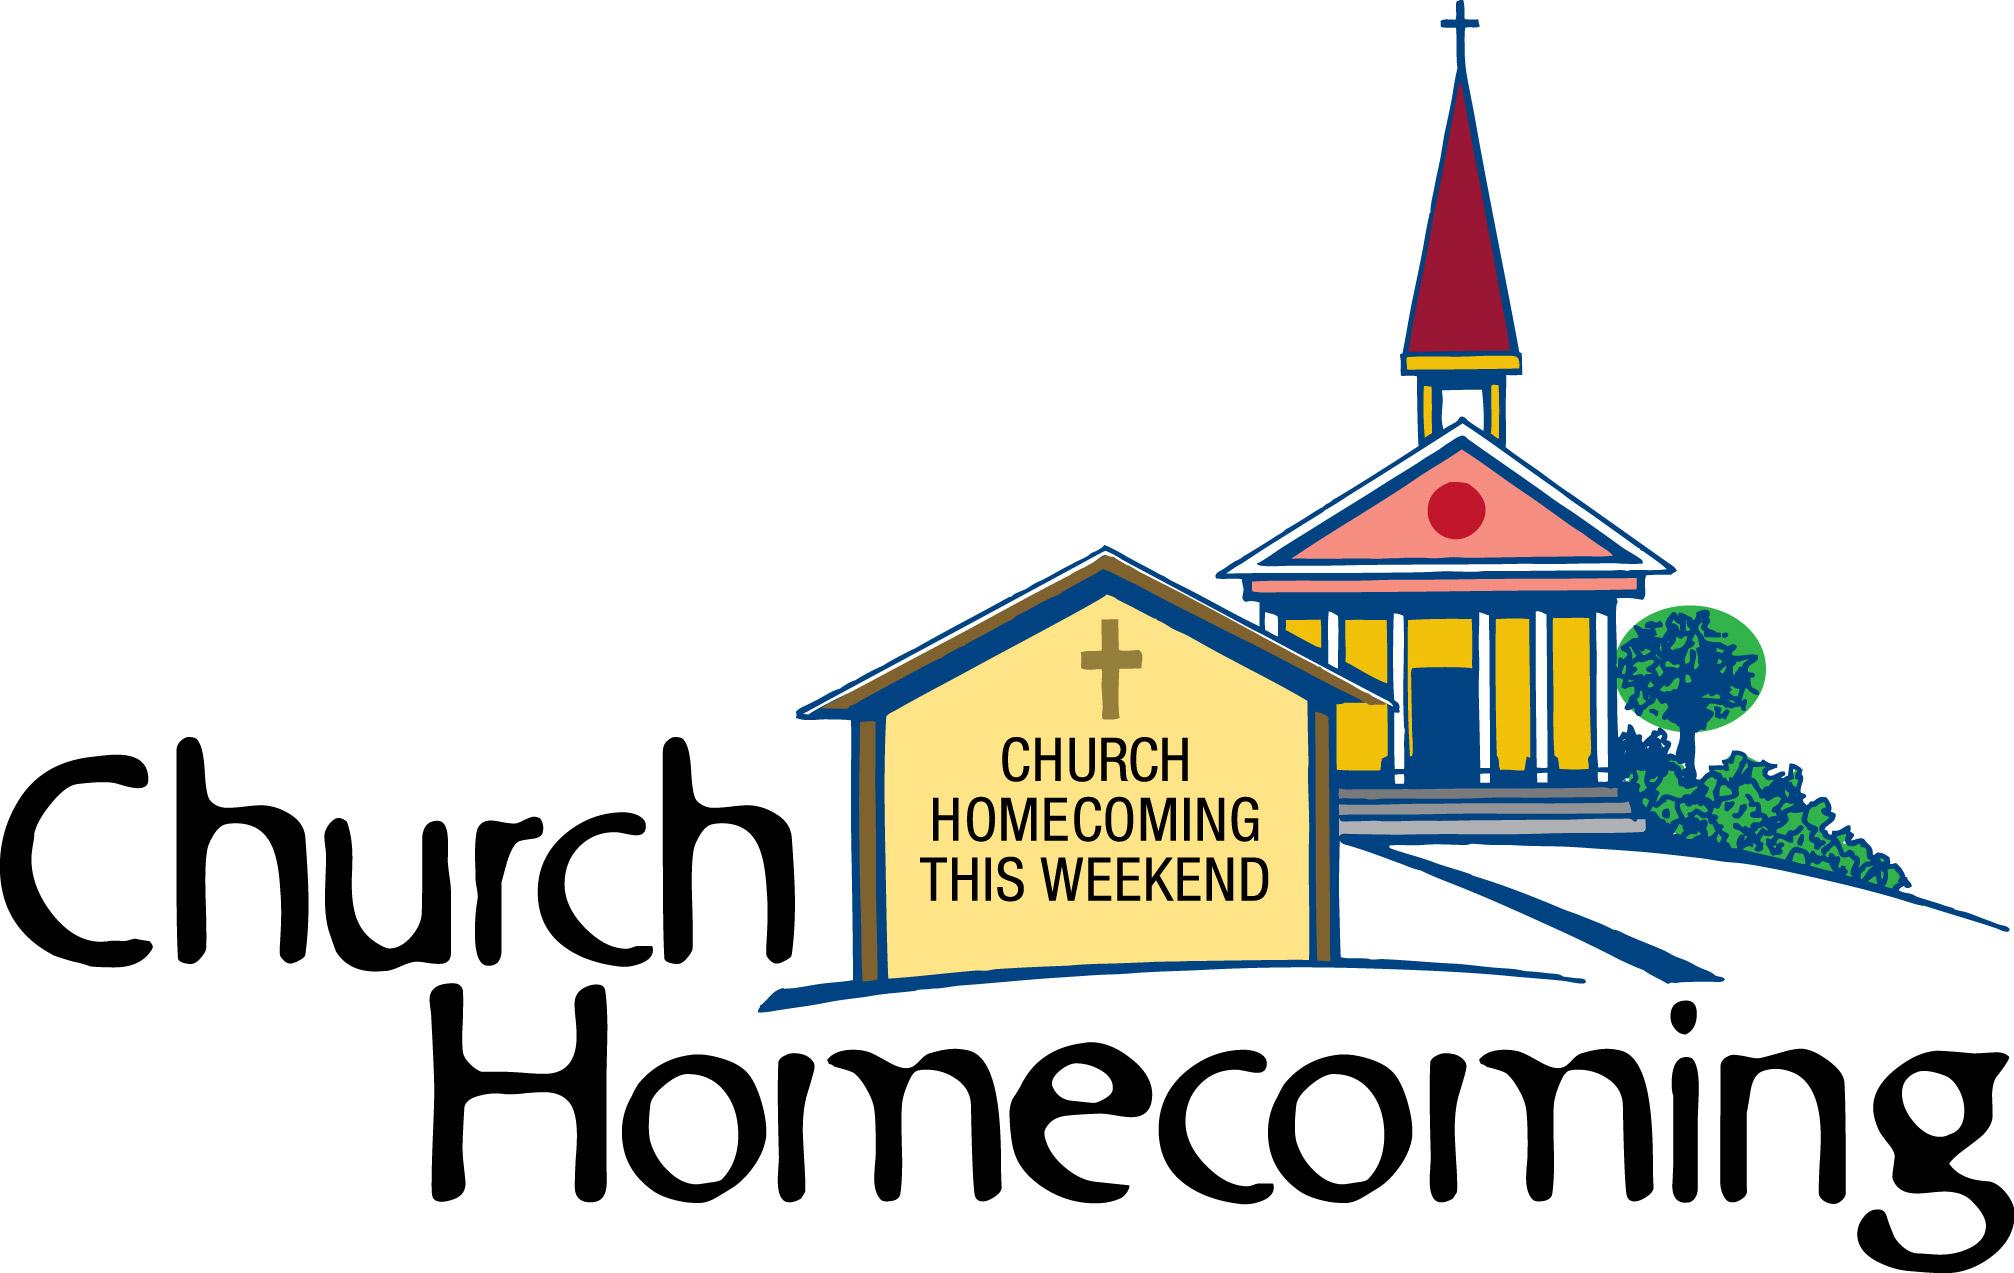 Homecoming Clipart Homecoming Jpg